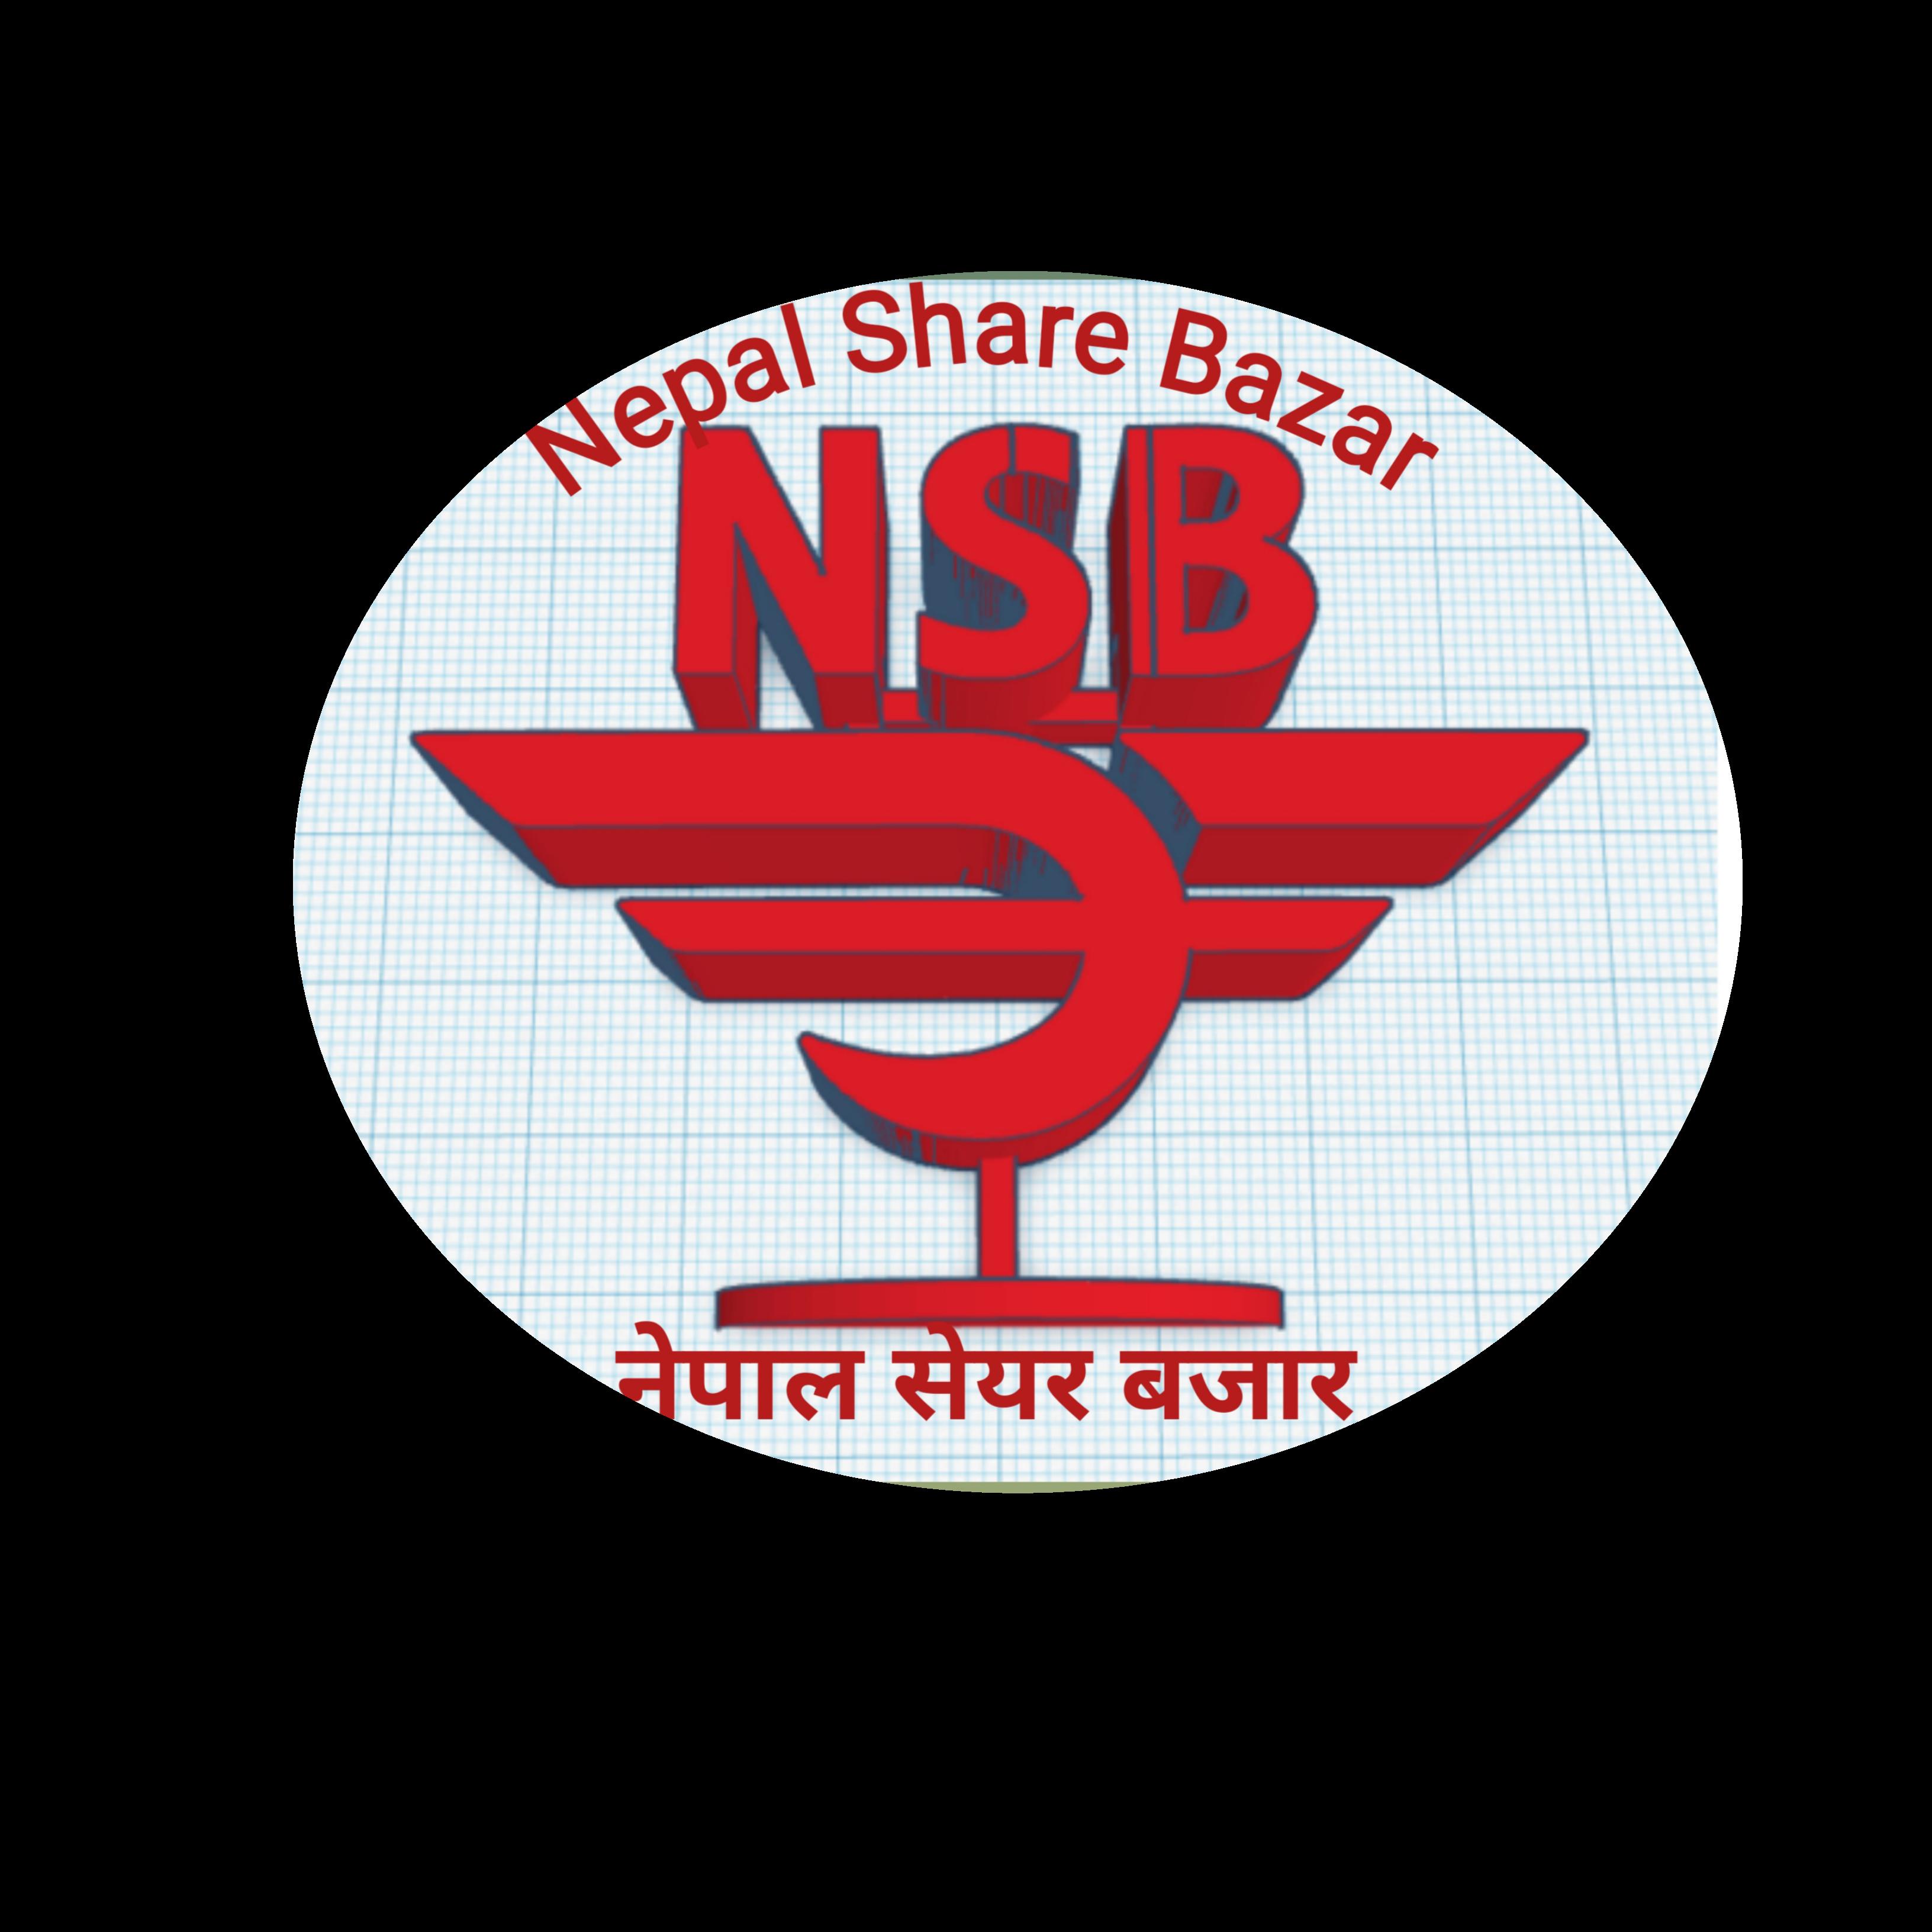 Share bazar nepal